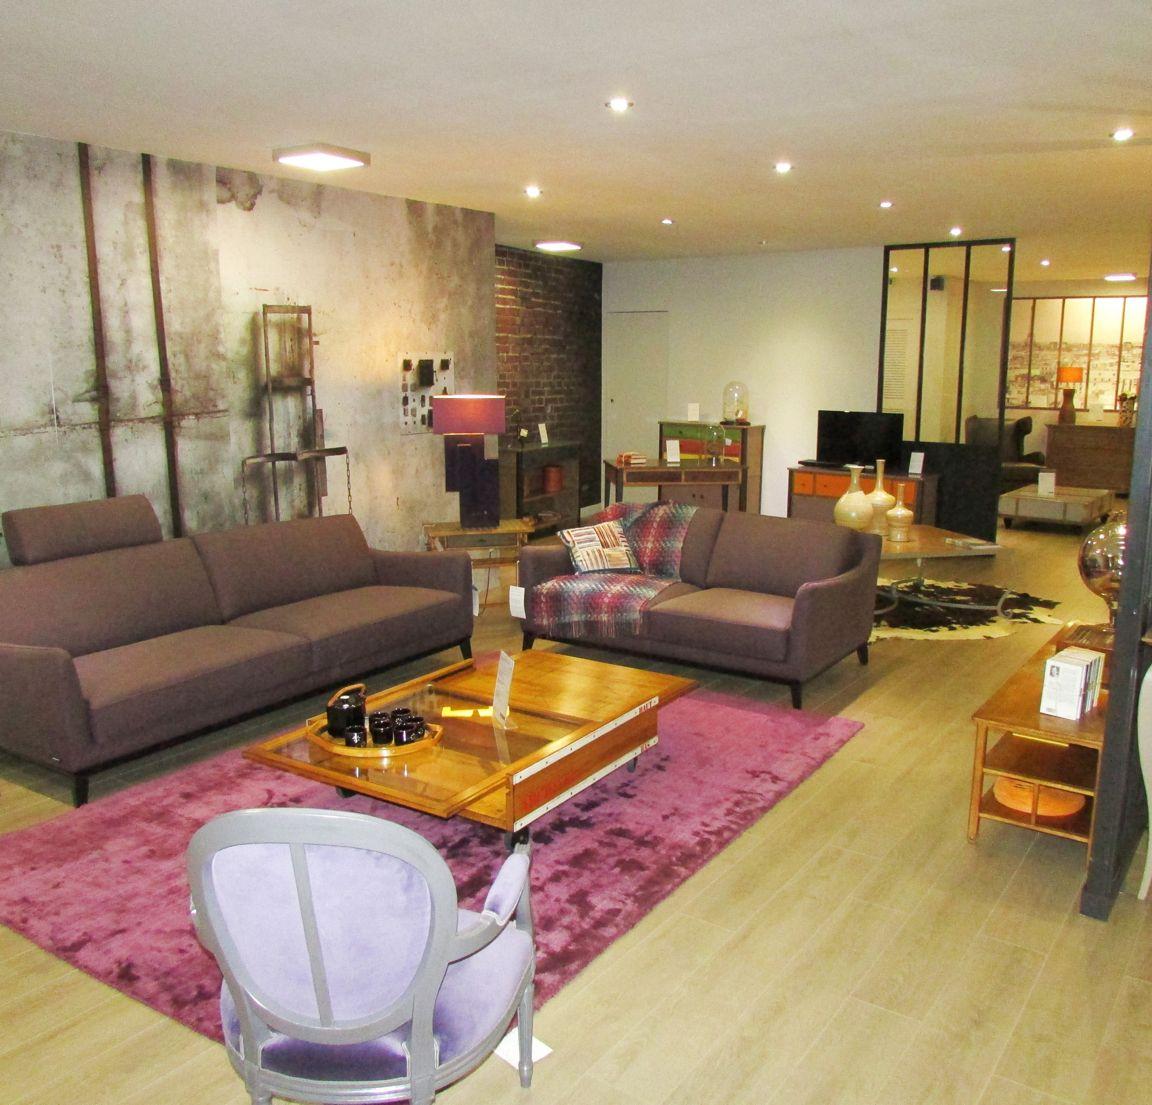 magasin roche bobois limoges 87000. Black Bedroom Furniture Sets. Home Design Ideas